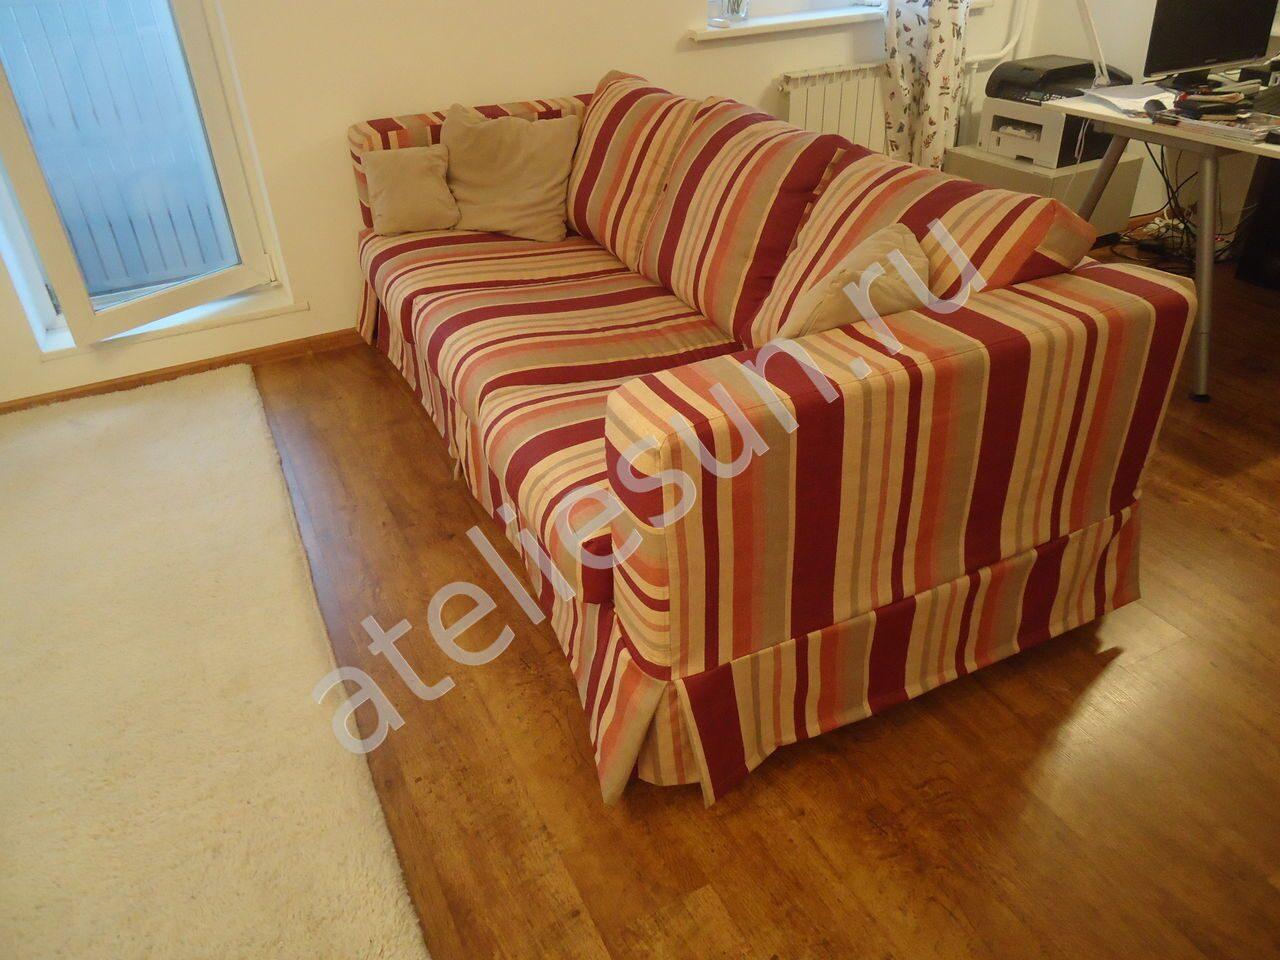 Съемный чехол на угловой диван своими руками 81